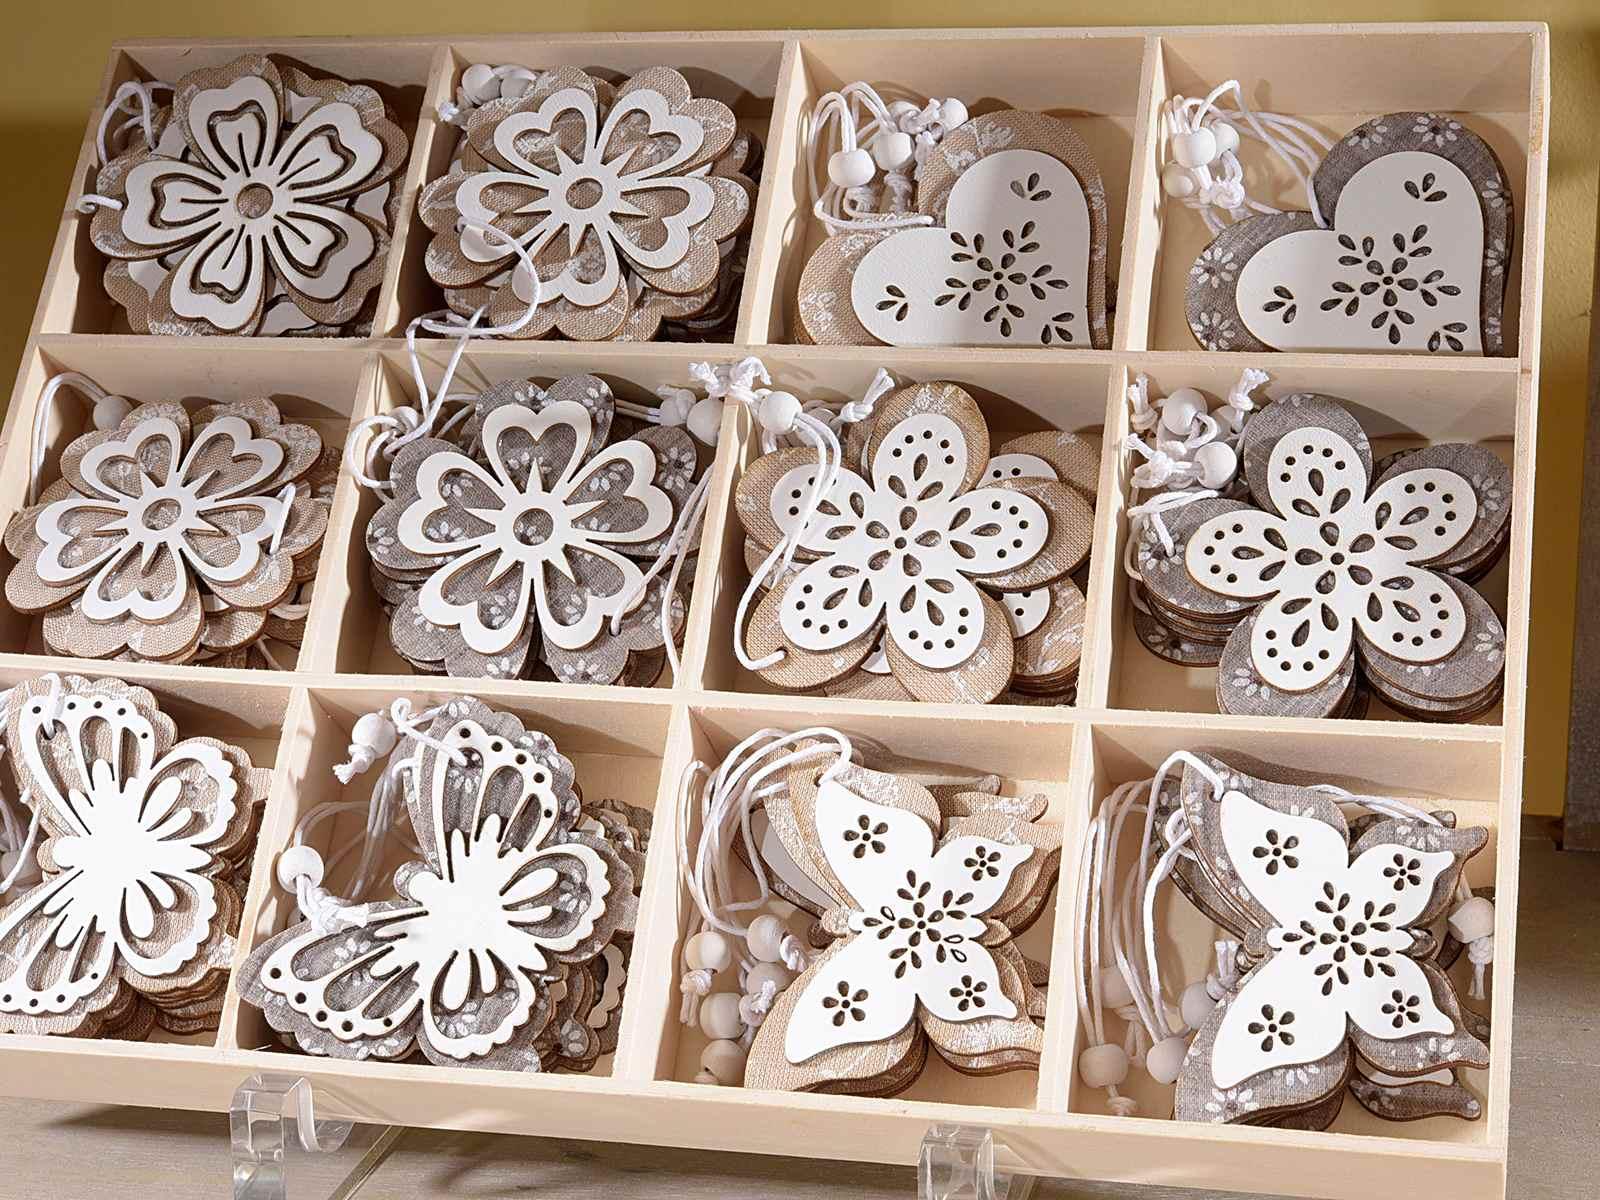 Espo 72 decorazioni in legno e stoffa da appendere - Decorazioni in legno ...